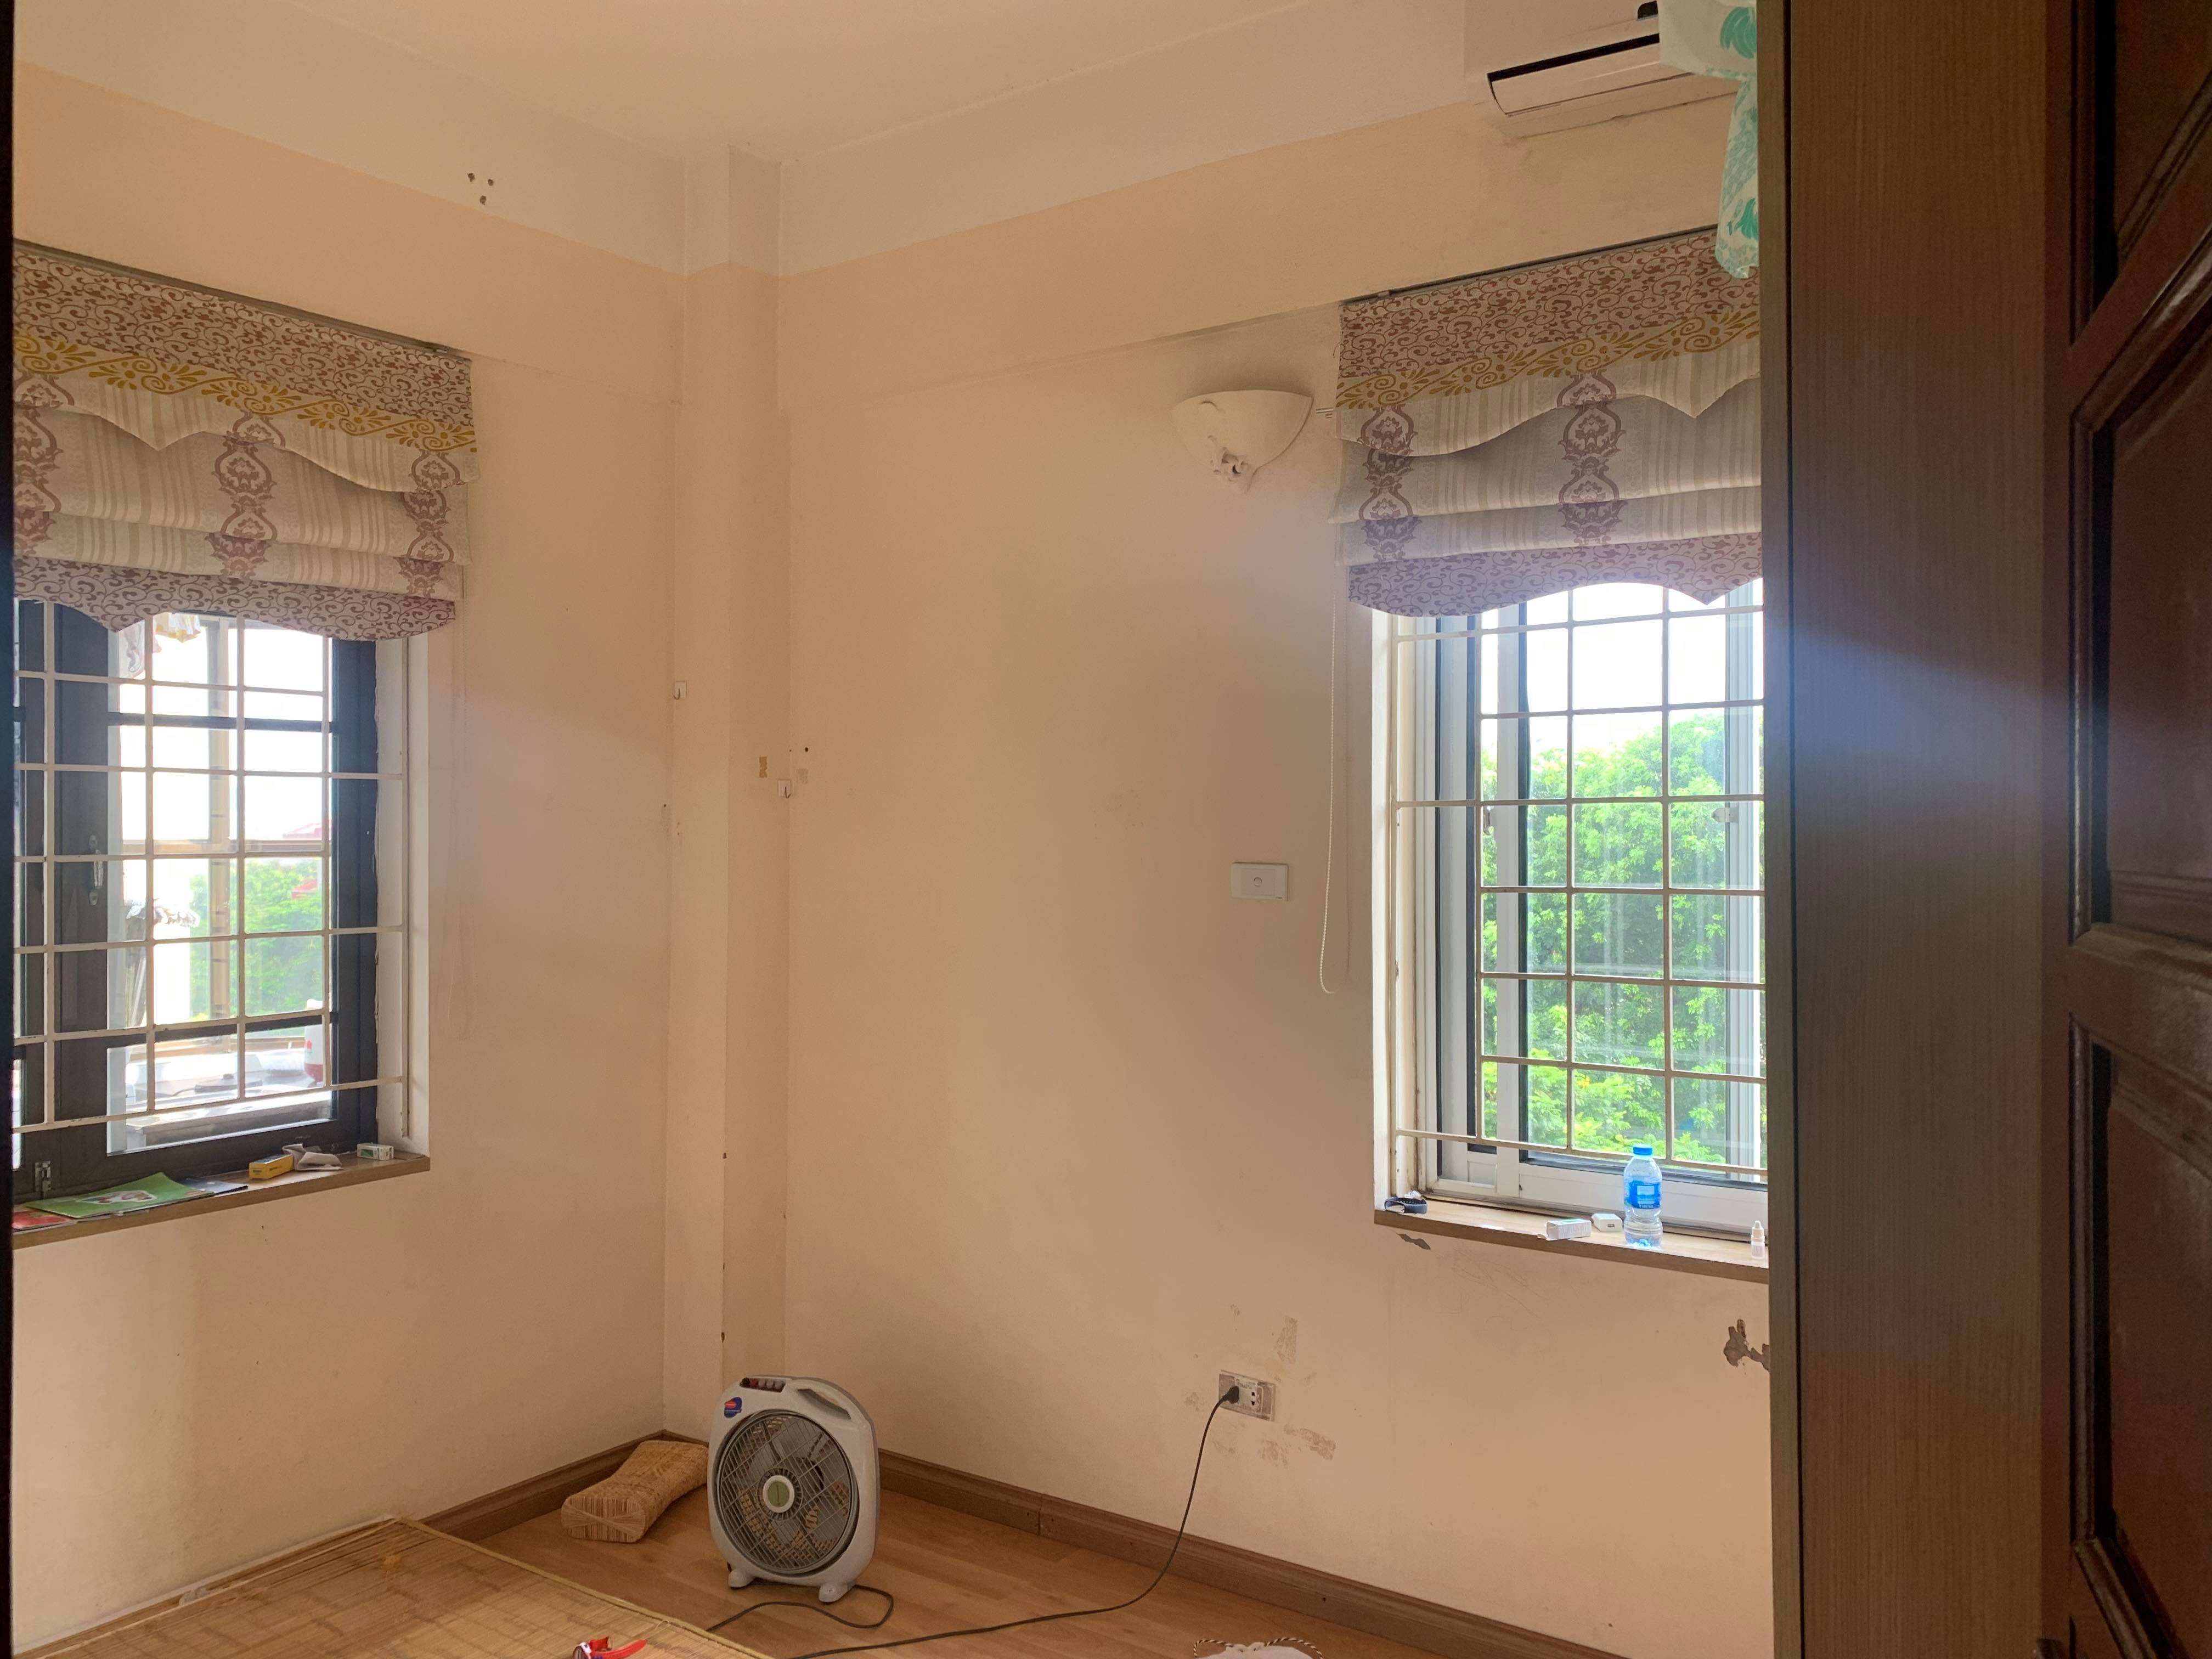 Chính chủ cần bán căn hộ chung cư Tầng 6, CT1A Khu đô thị Định Công.